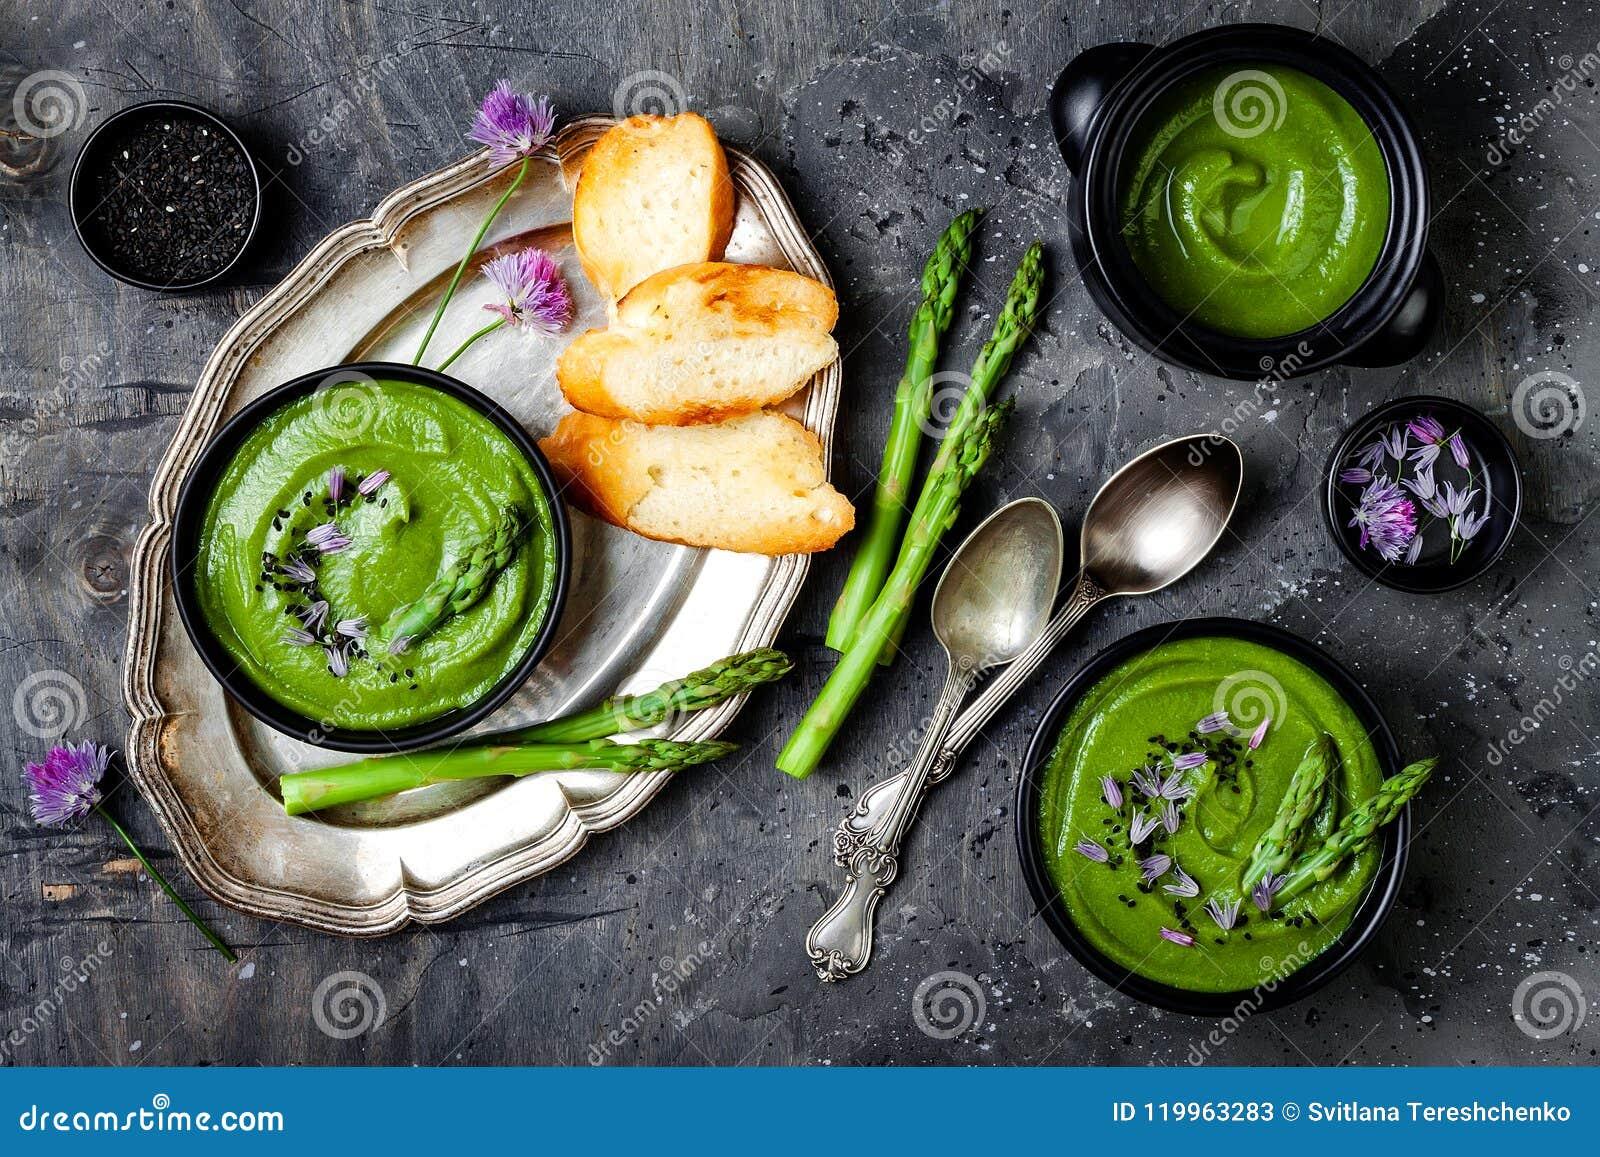 Hemlagade gröna vårsparriers lagar mat med grädde soppa som dekoreras med svart sesamfrö, och ätliga gräslökar blommar